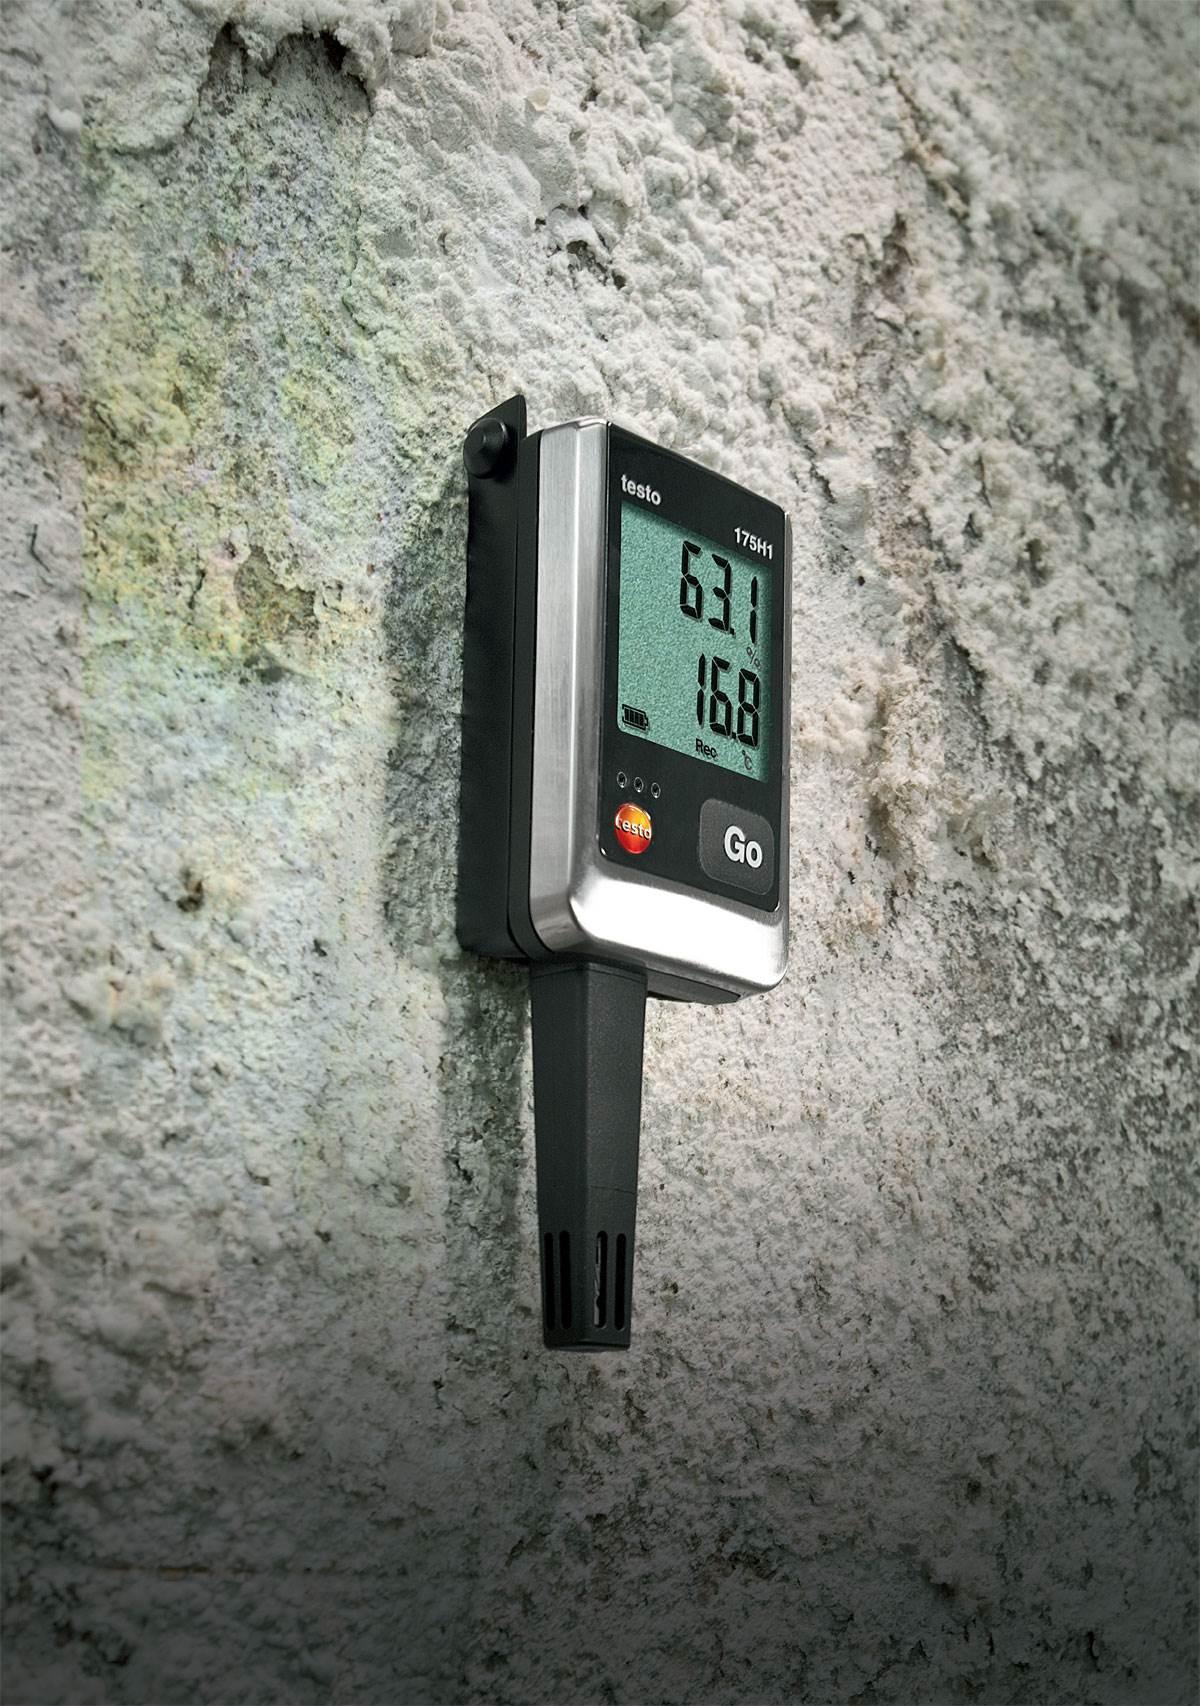 przyrzady do pomiaru wilgotnosci i jakosci powietrza - Przyrządy do pomiaru wilgotności i jakości powietrza